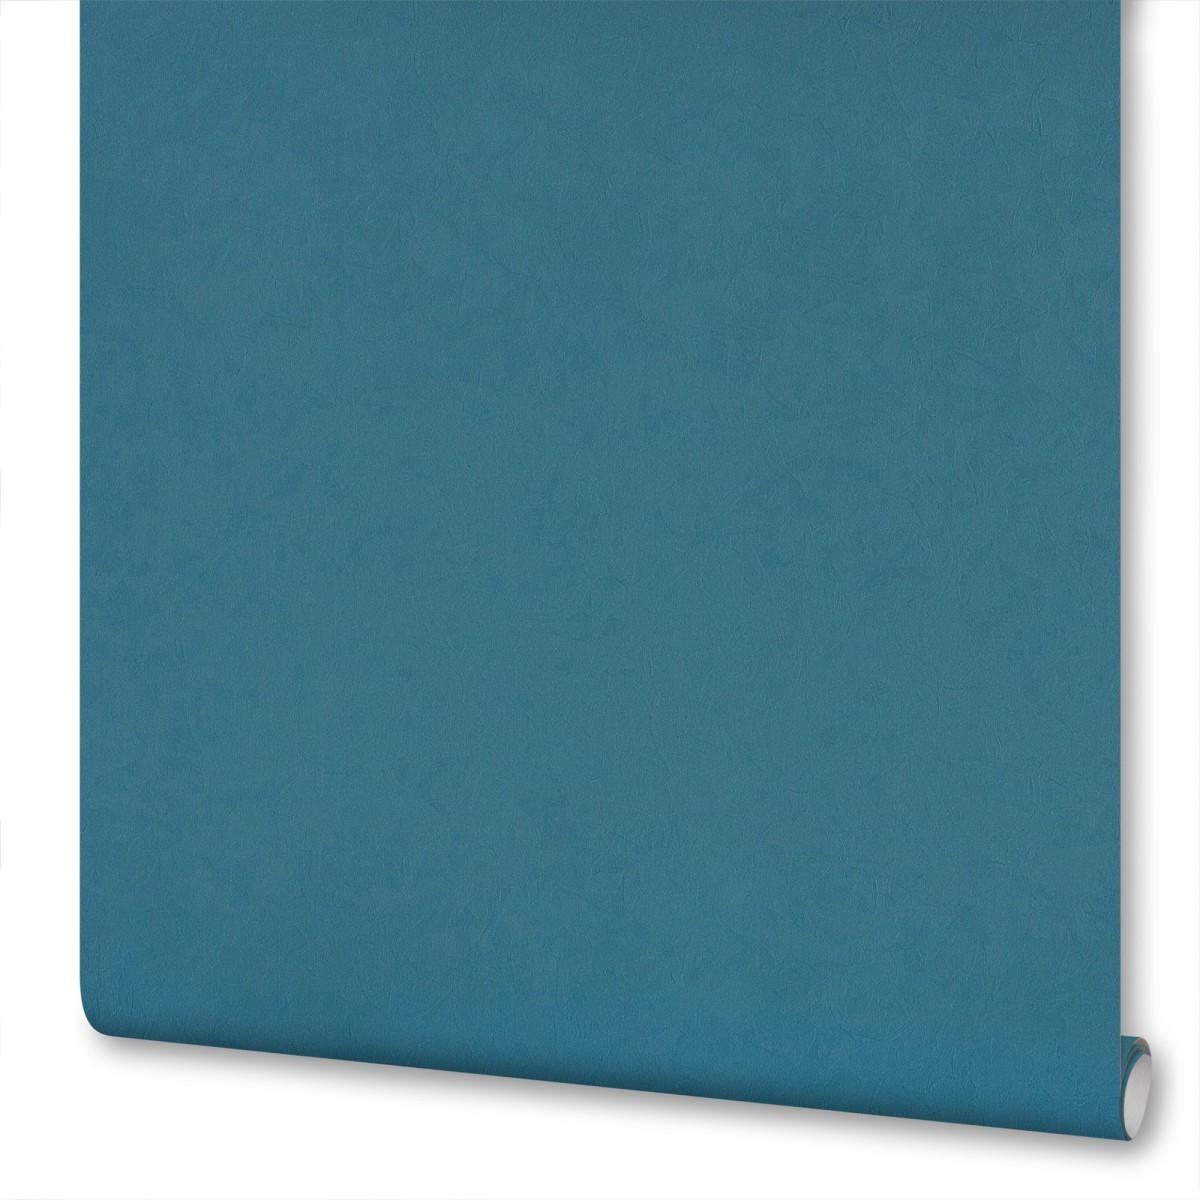 Обои на флизелиновой основе Inspire Silk 1.06х10 м Эффект шелка цвет синий